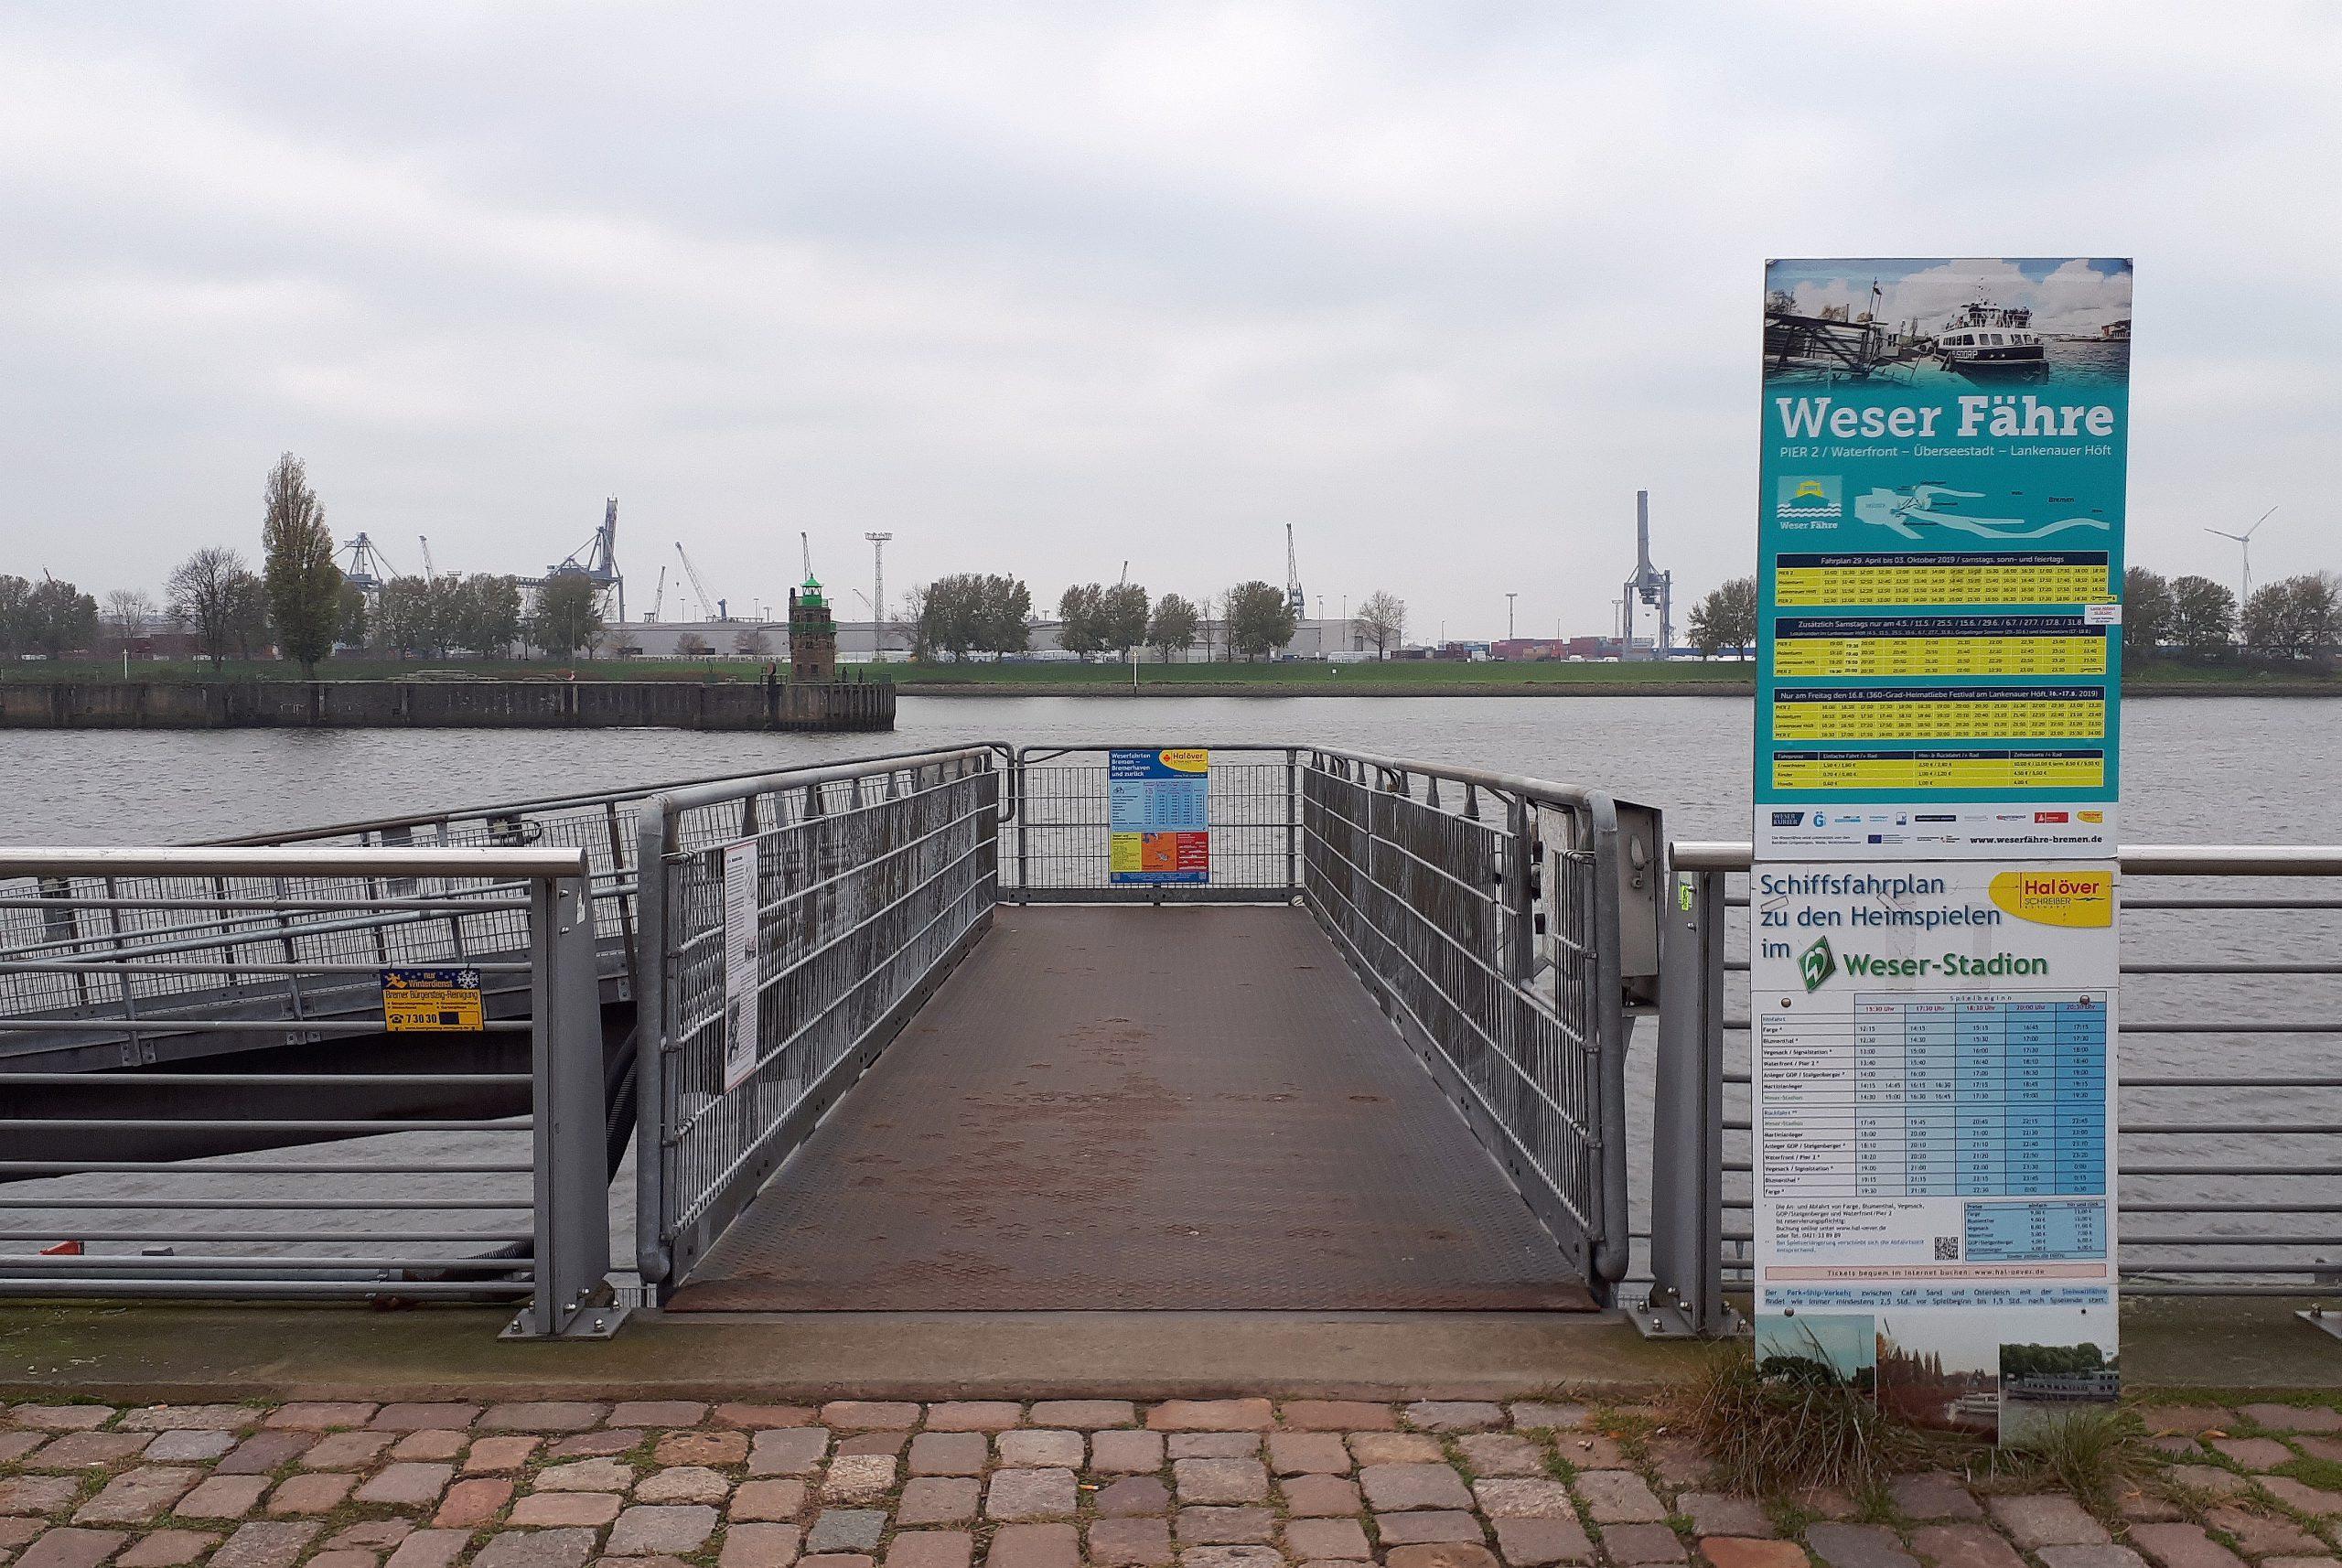 Die Fähre zum Weserstadion Bremen